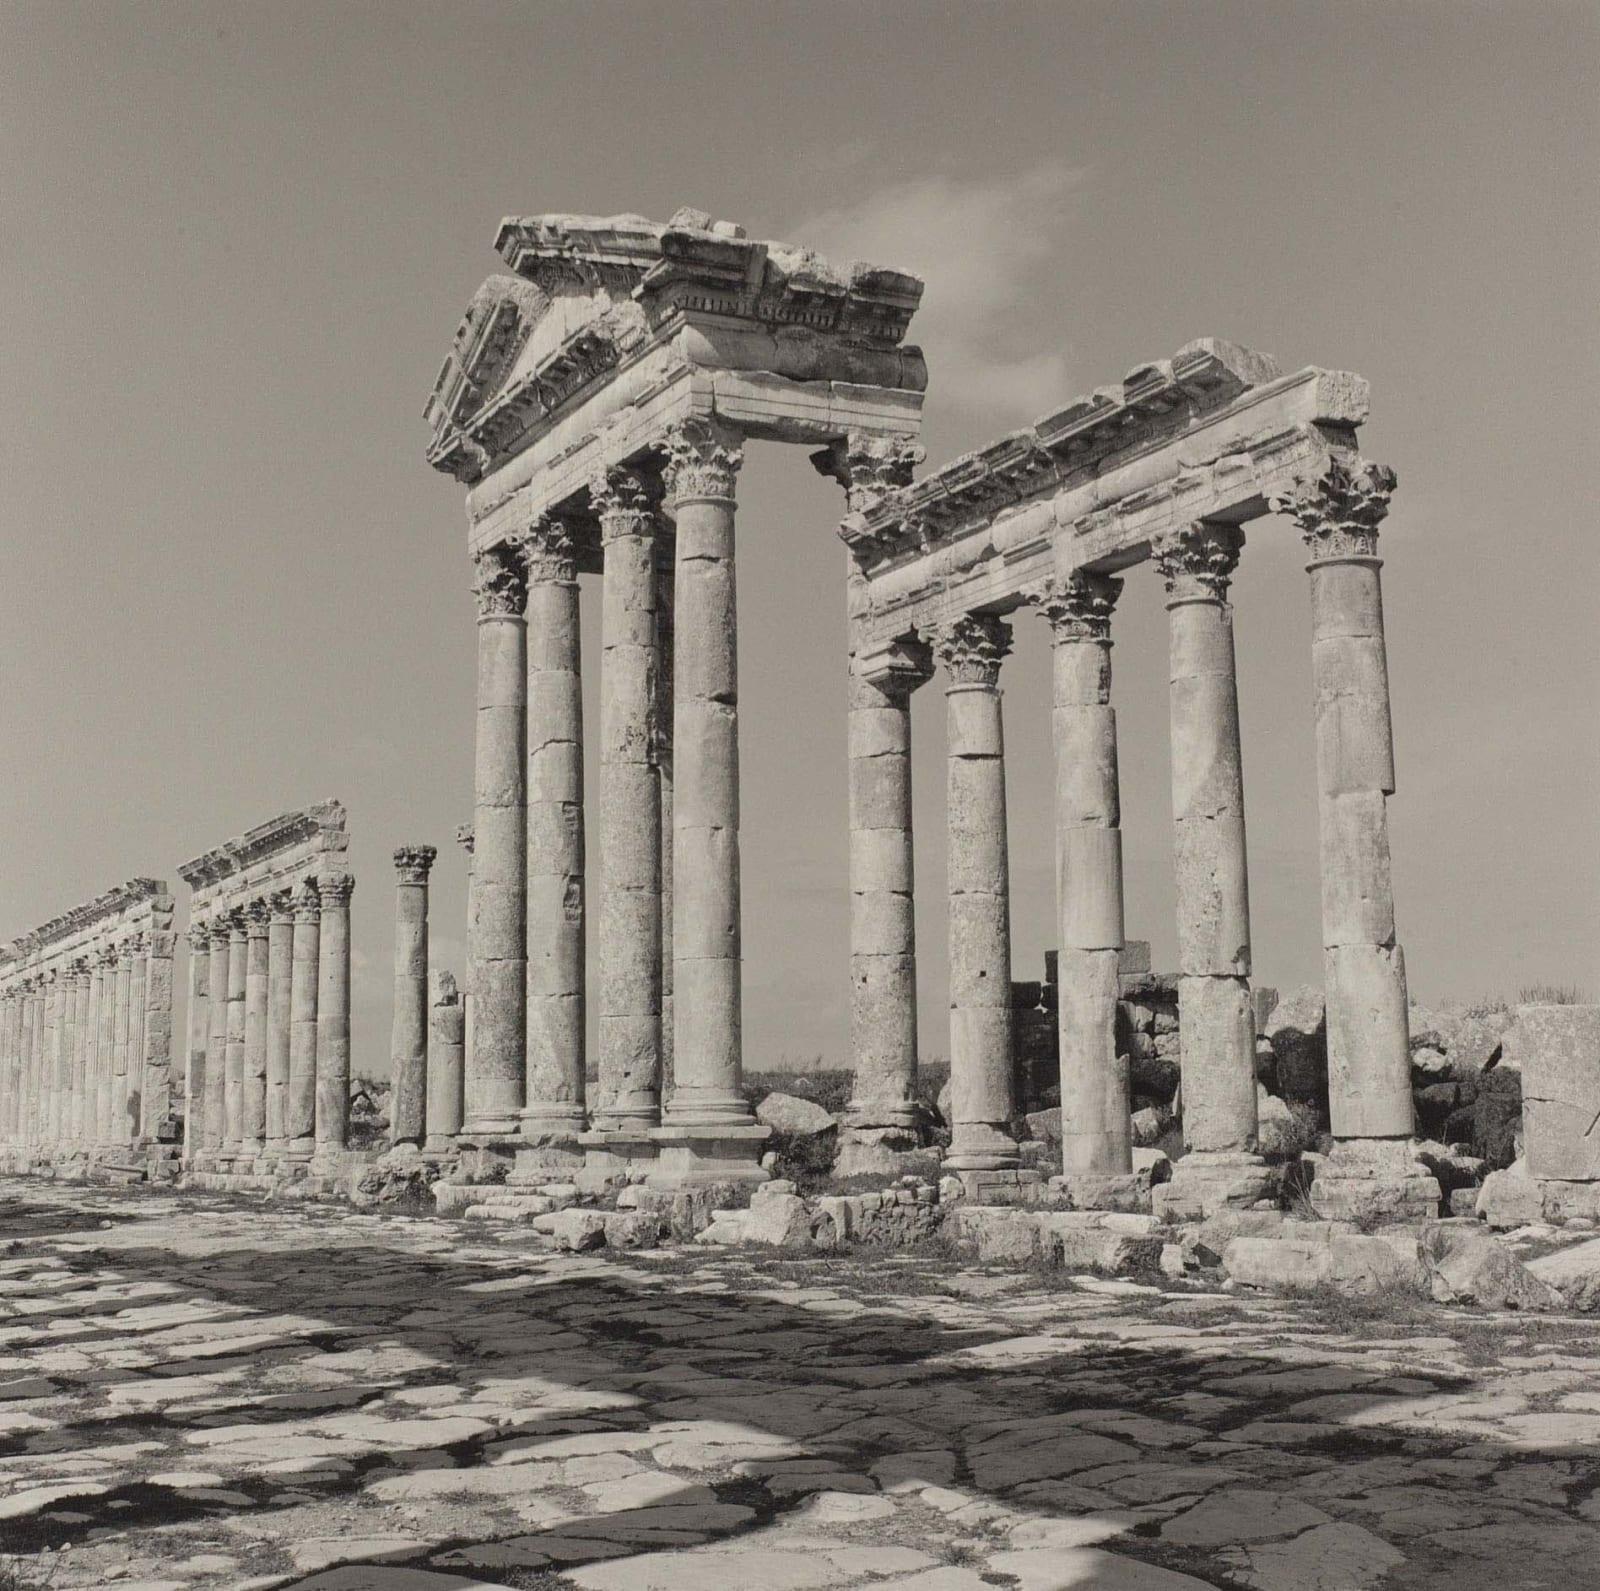 Lynn Davis photograph of ruins of ancient city at Apamea, Syria